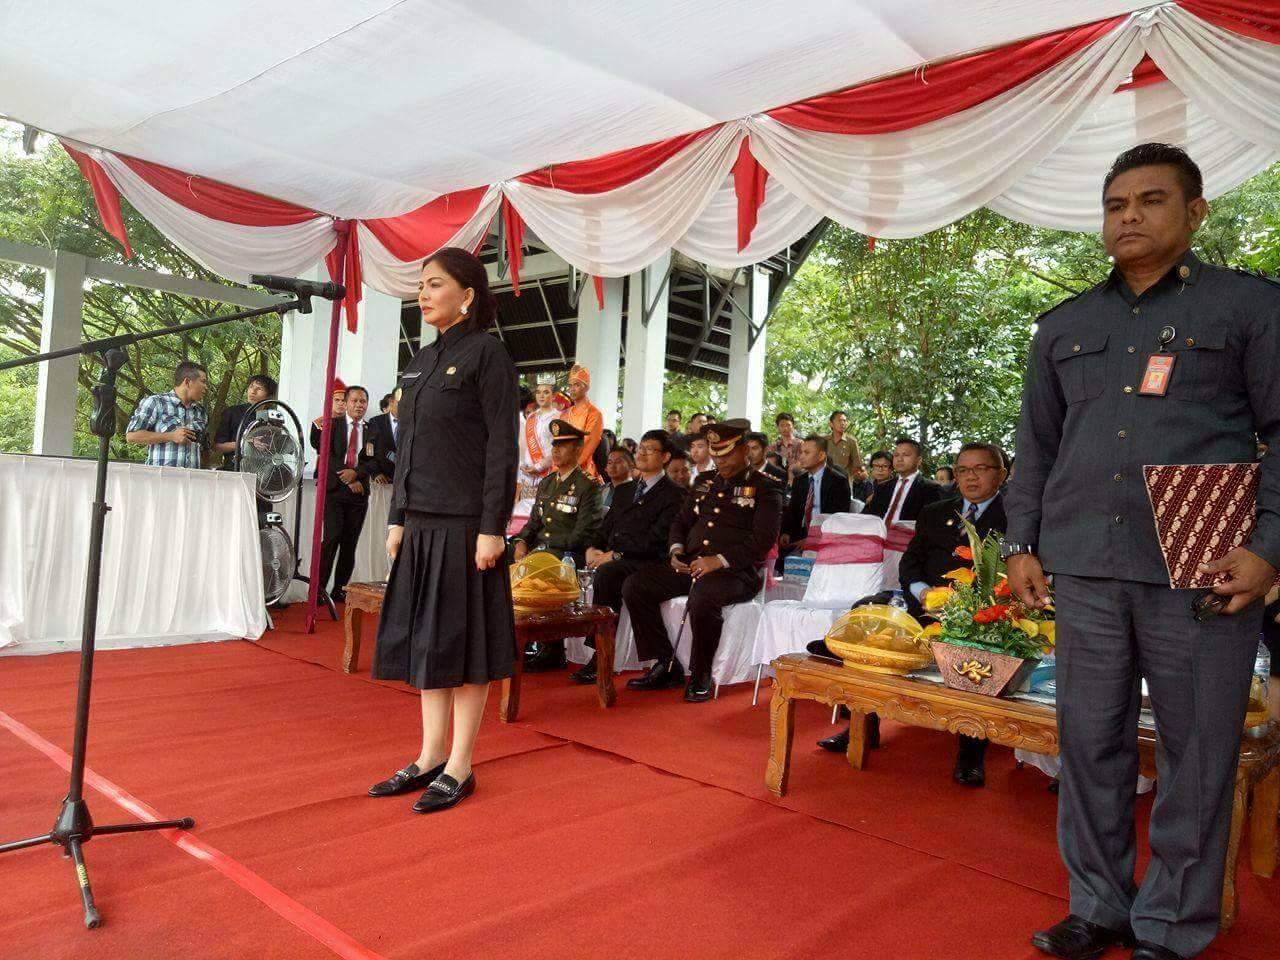 Bupati VAP Irup Peringatan HUT Ke-14 Kabupaten Minut